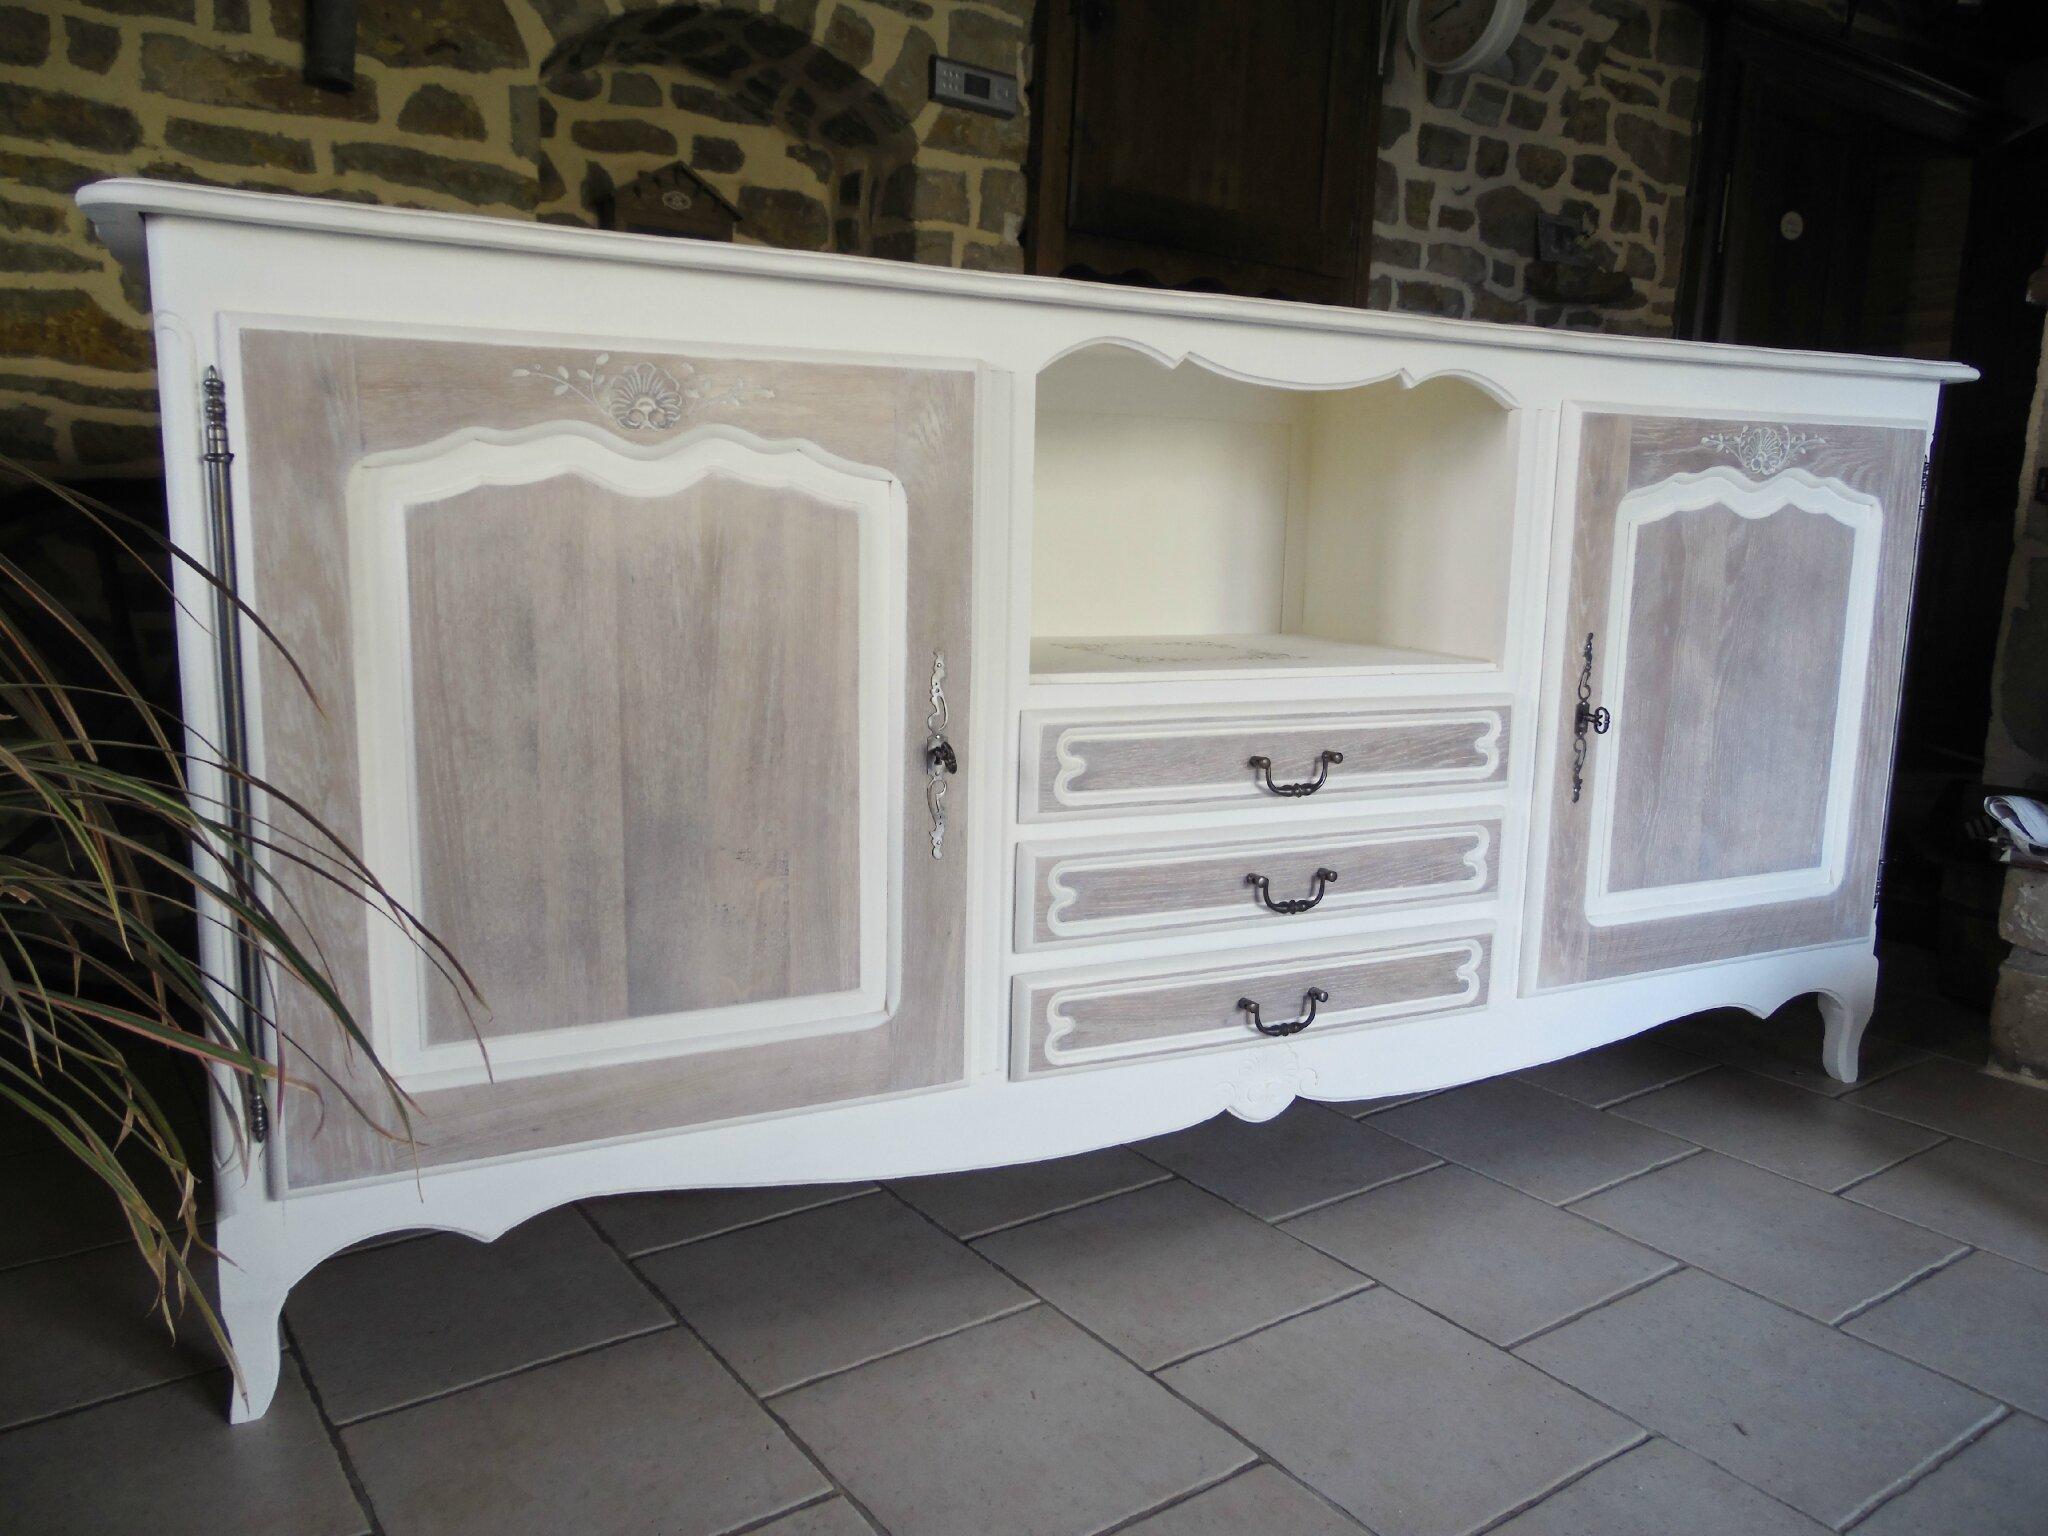 Peindre un meuble en bois verni photo avant ceruser un for Ceruser un meuble vernis